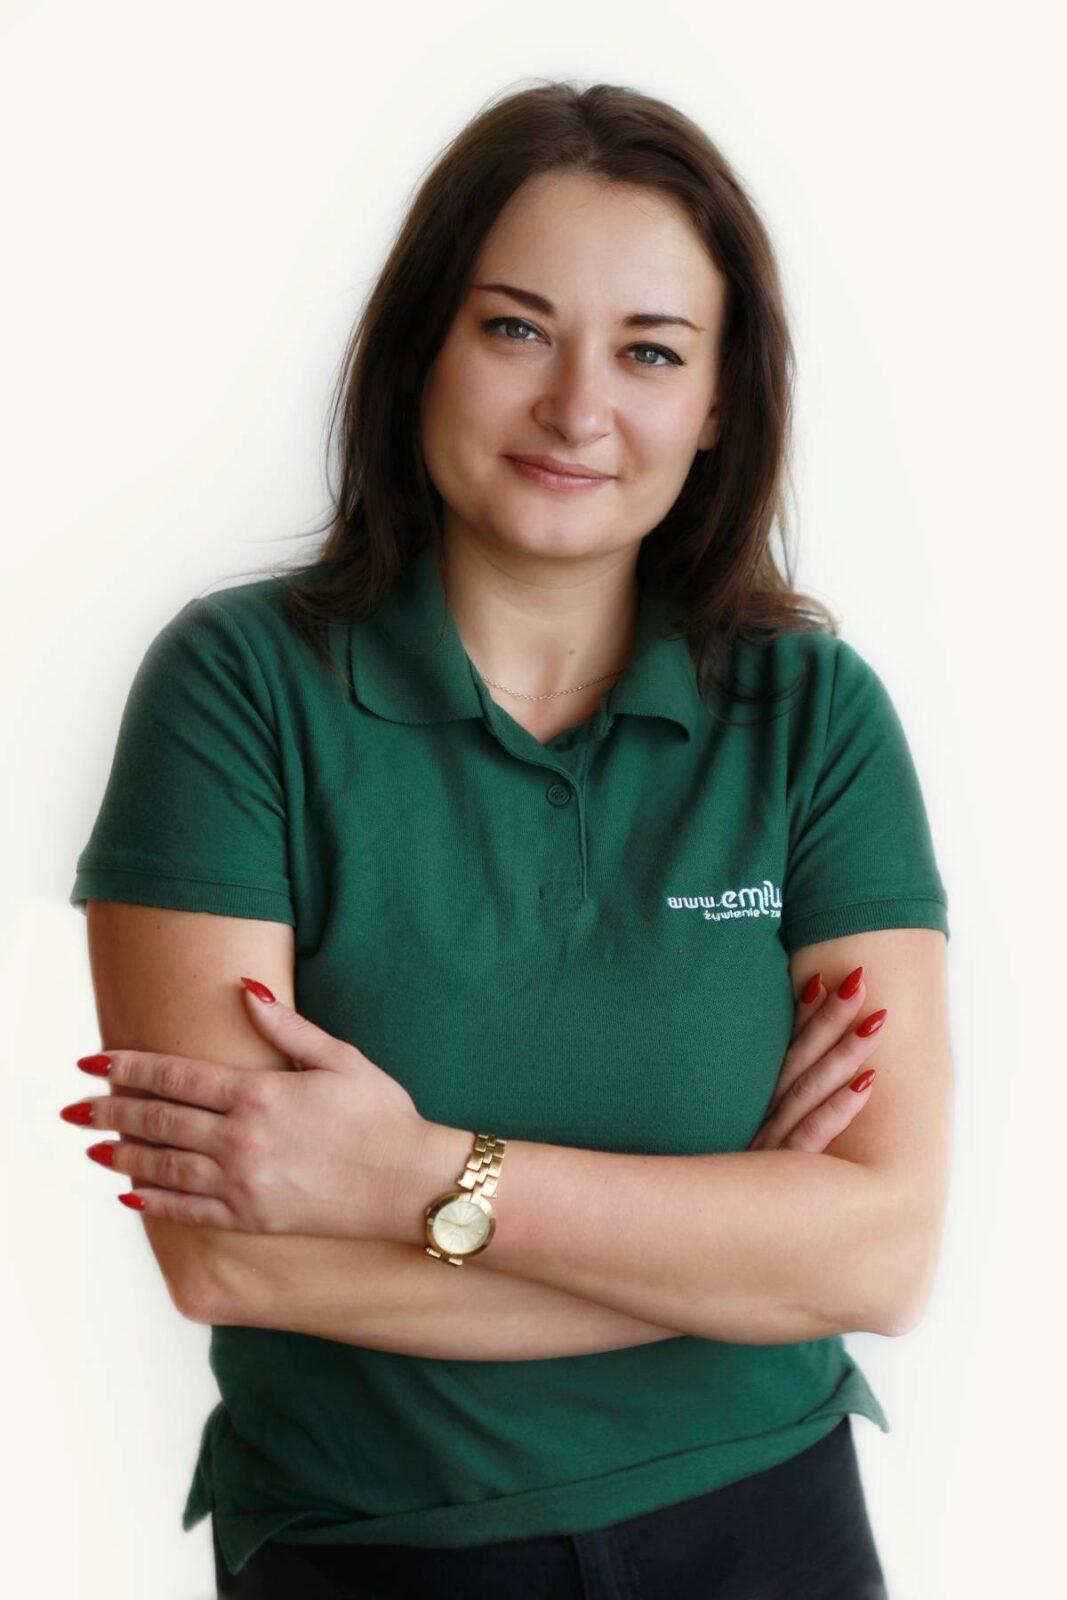 emiwo | Adrianna Gawlikowska, Asystent Administracyjno-Logistyczna